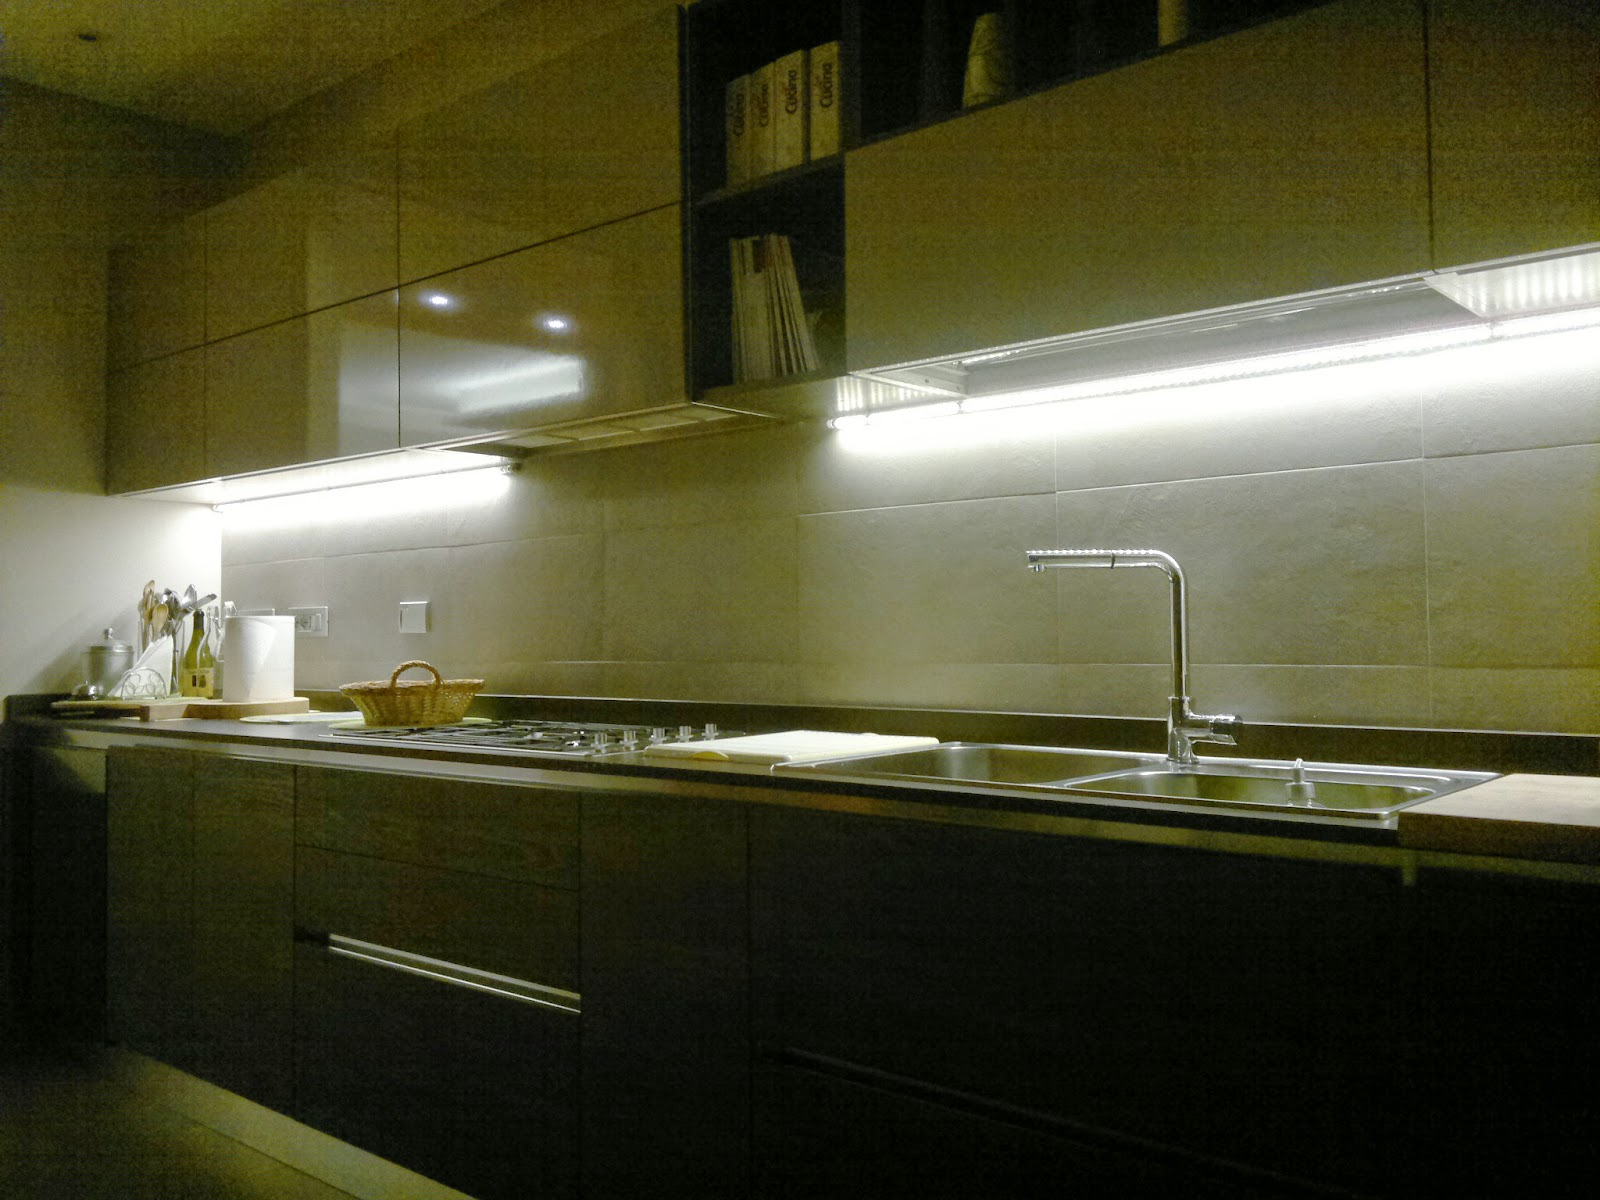 Illuminazione led casa ristrutturando un appartamento - Luci camera da letto ...